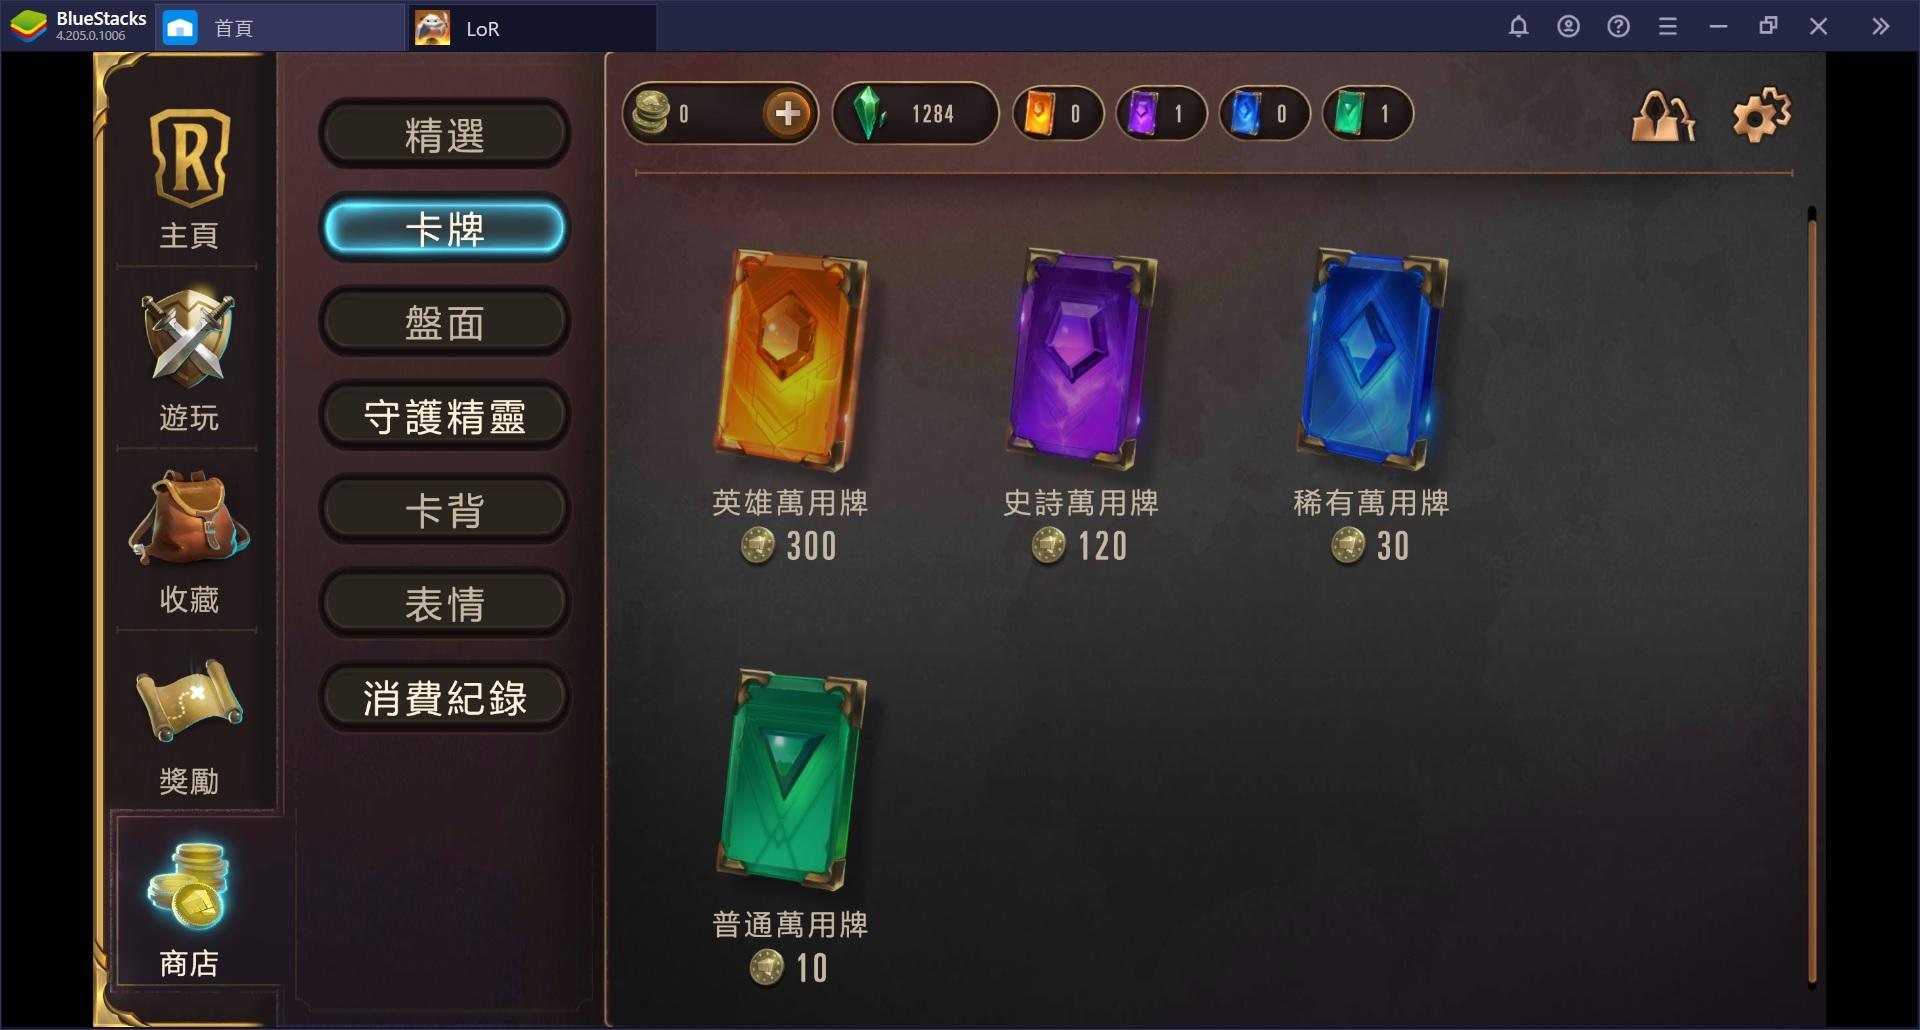 《符文大地傳說》:新手必知的功能與遊玩技巧